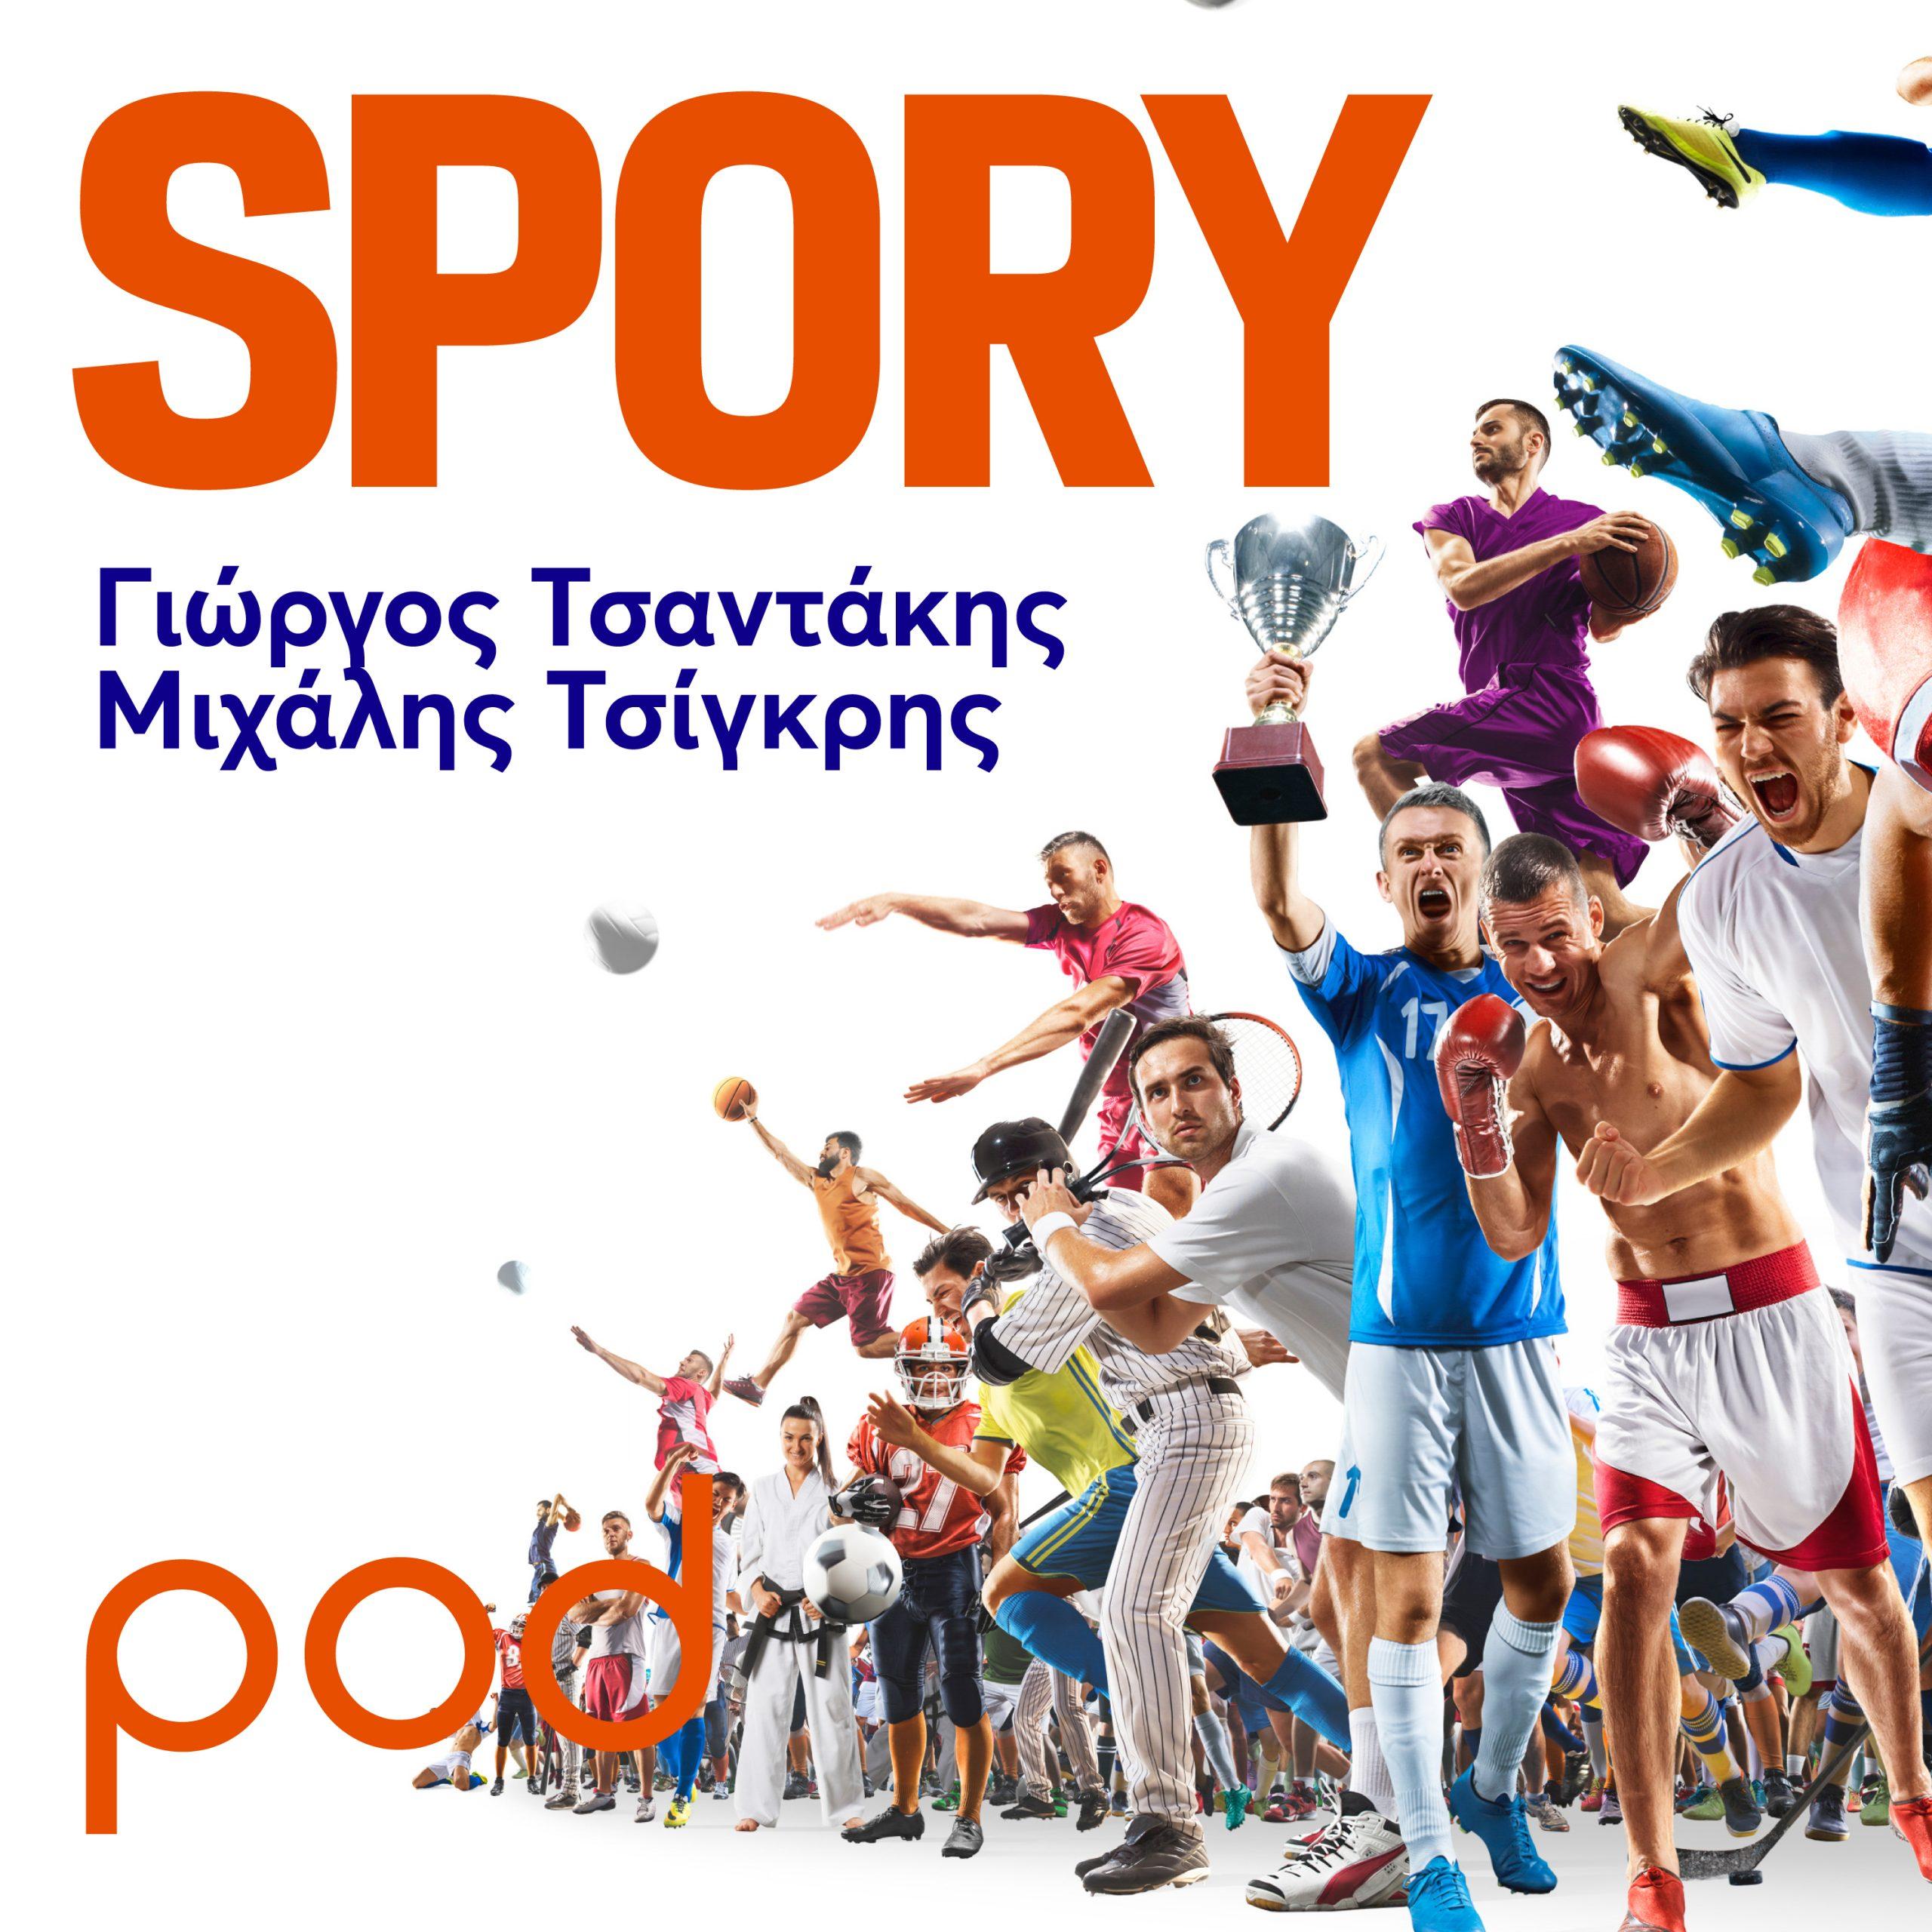 SPORY-Β1